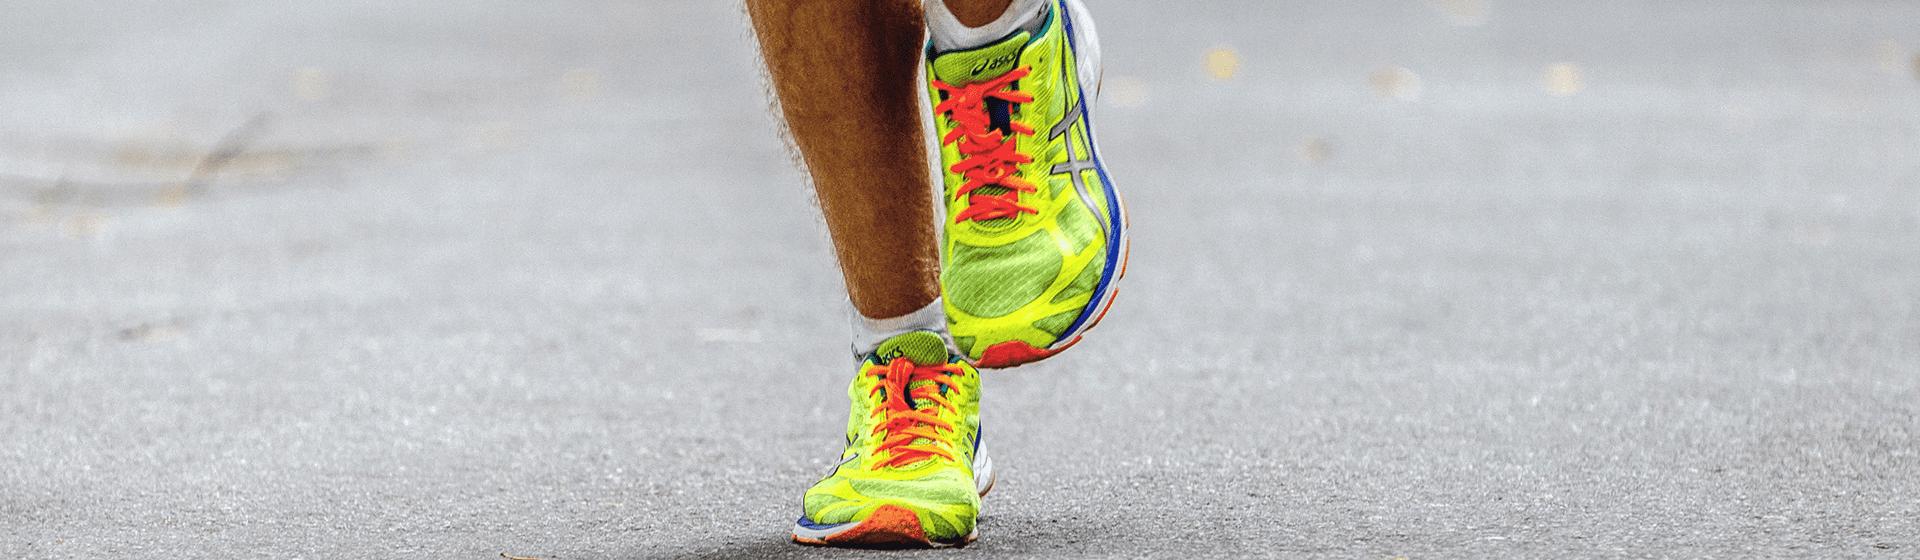 Tênis Mizuno para corrida: 7 modelos para comprar em 2021